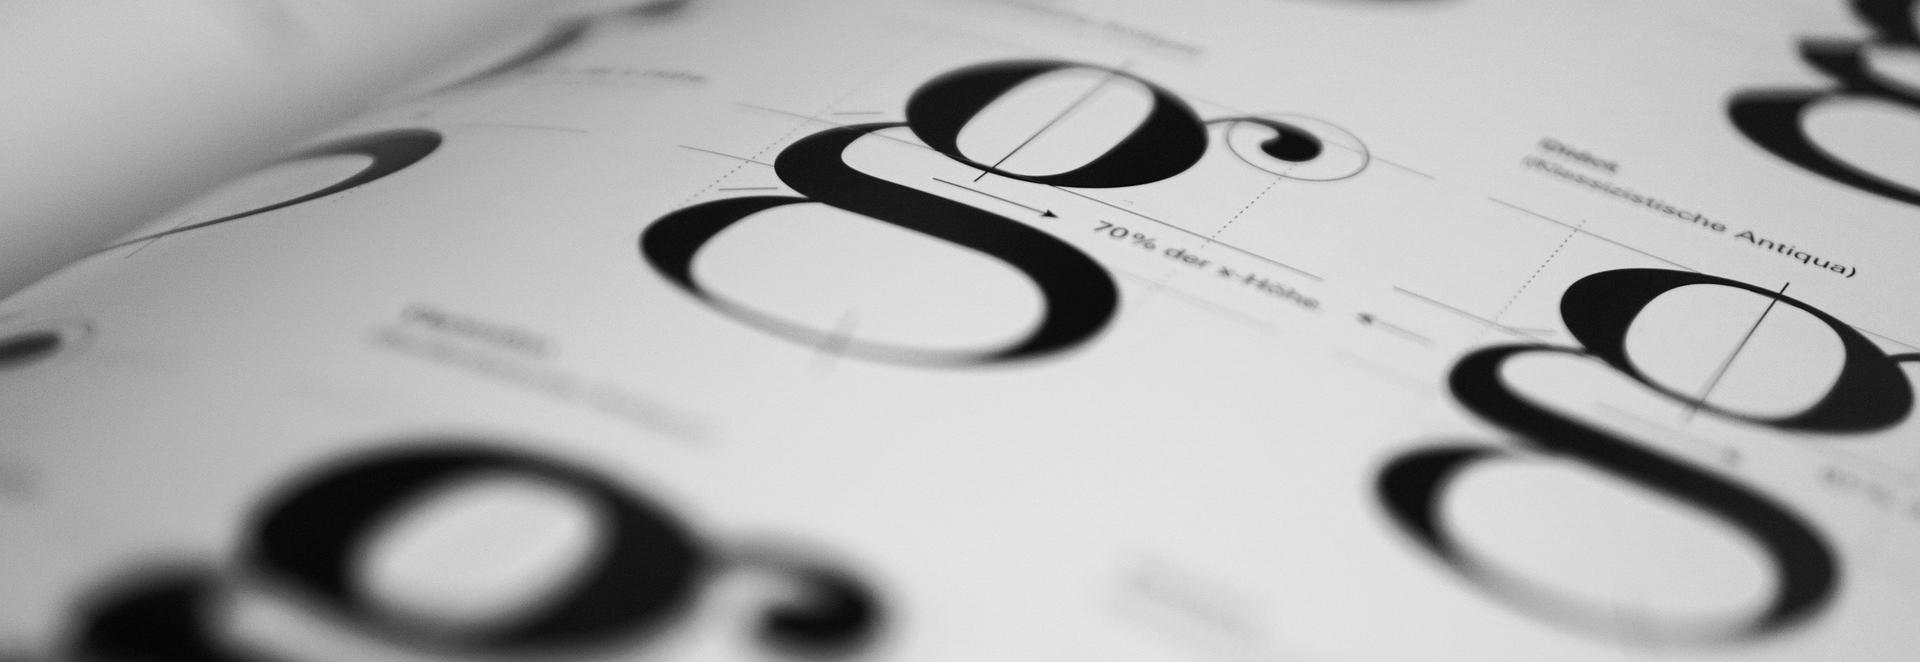 Typografia na internete ake pismo pouzit na webe